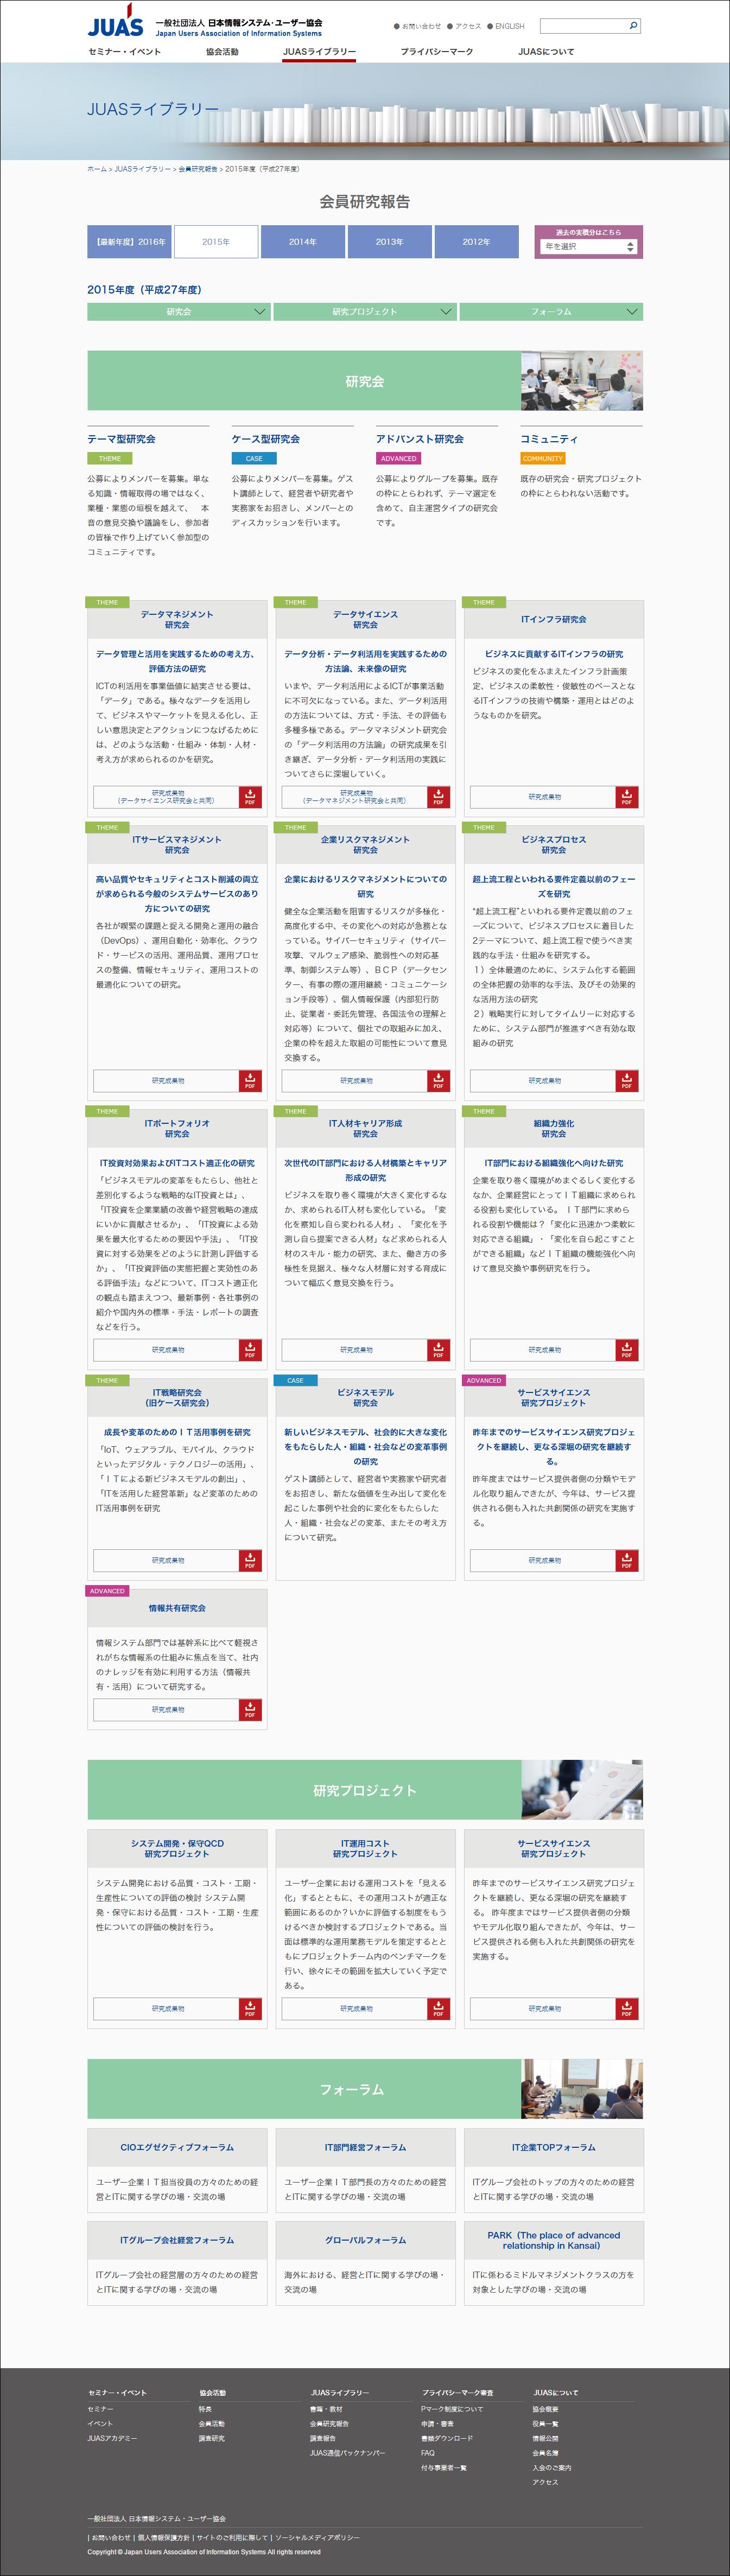 画像:協会サイトリニューアル制作/日本情報システムユーザー協会(JUAS)